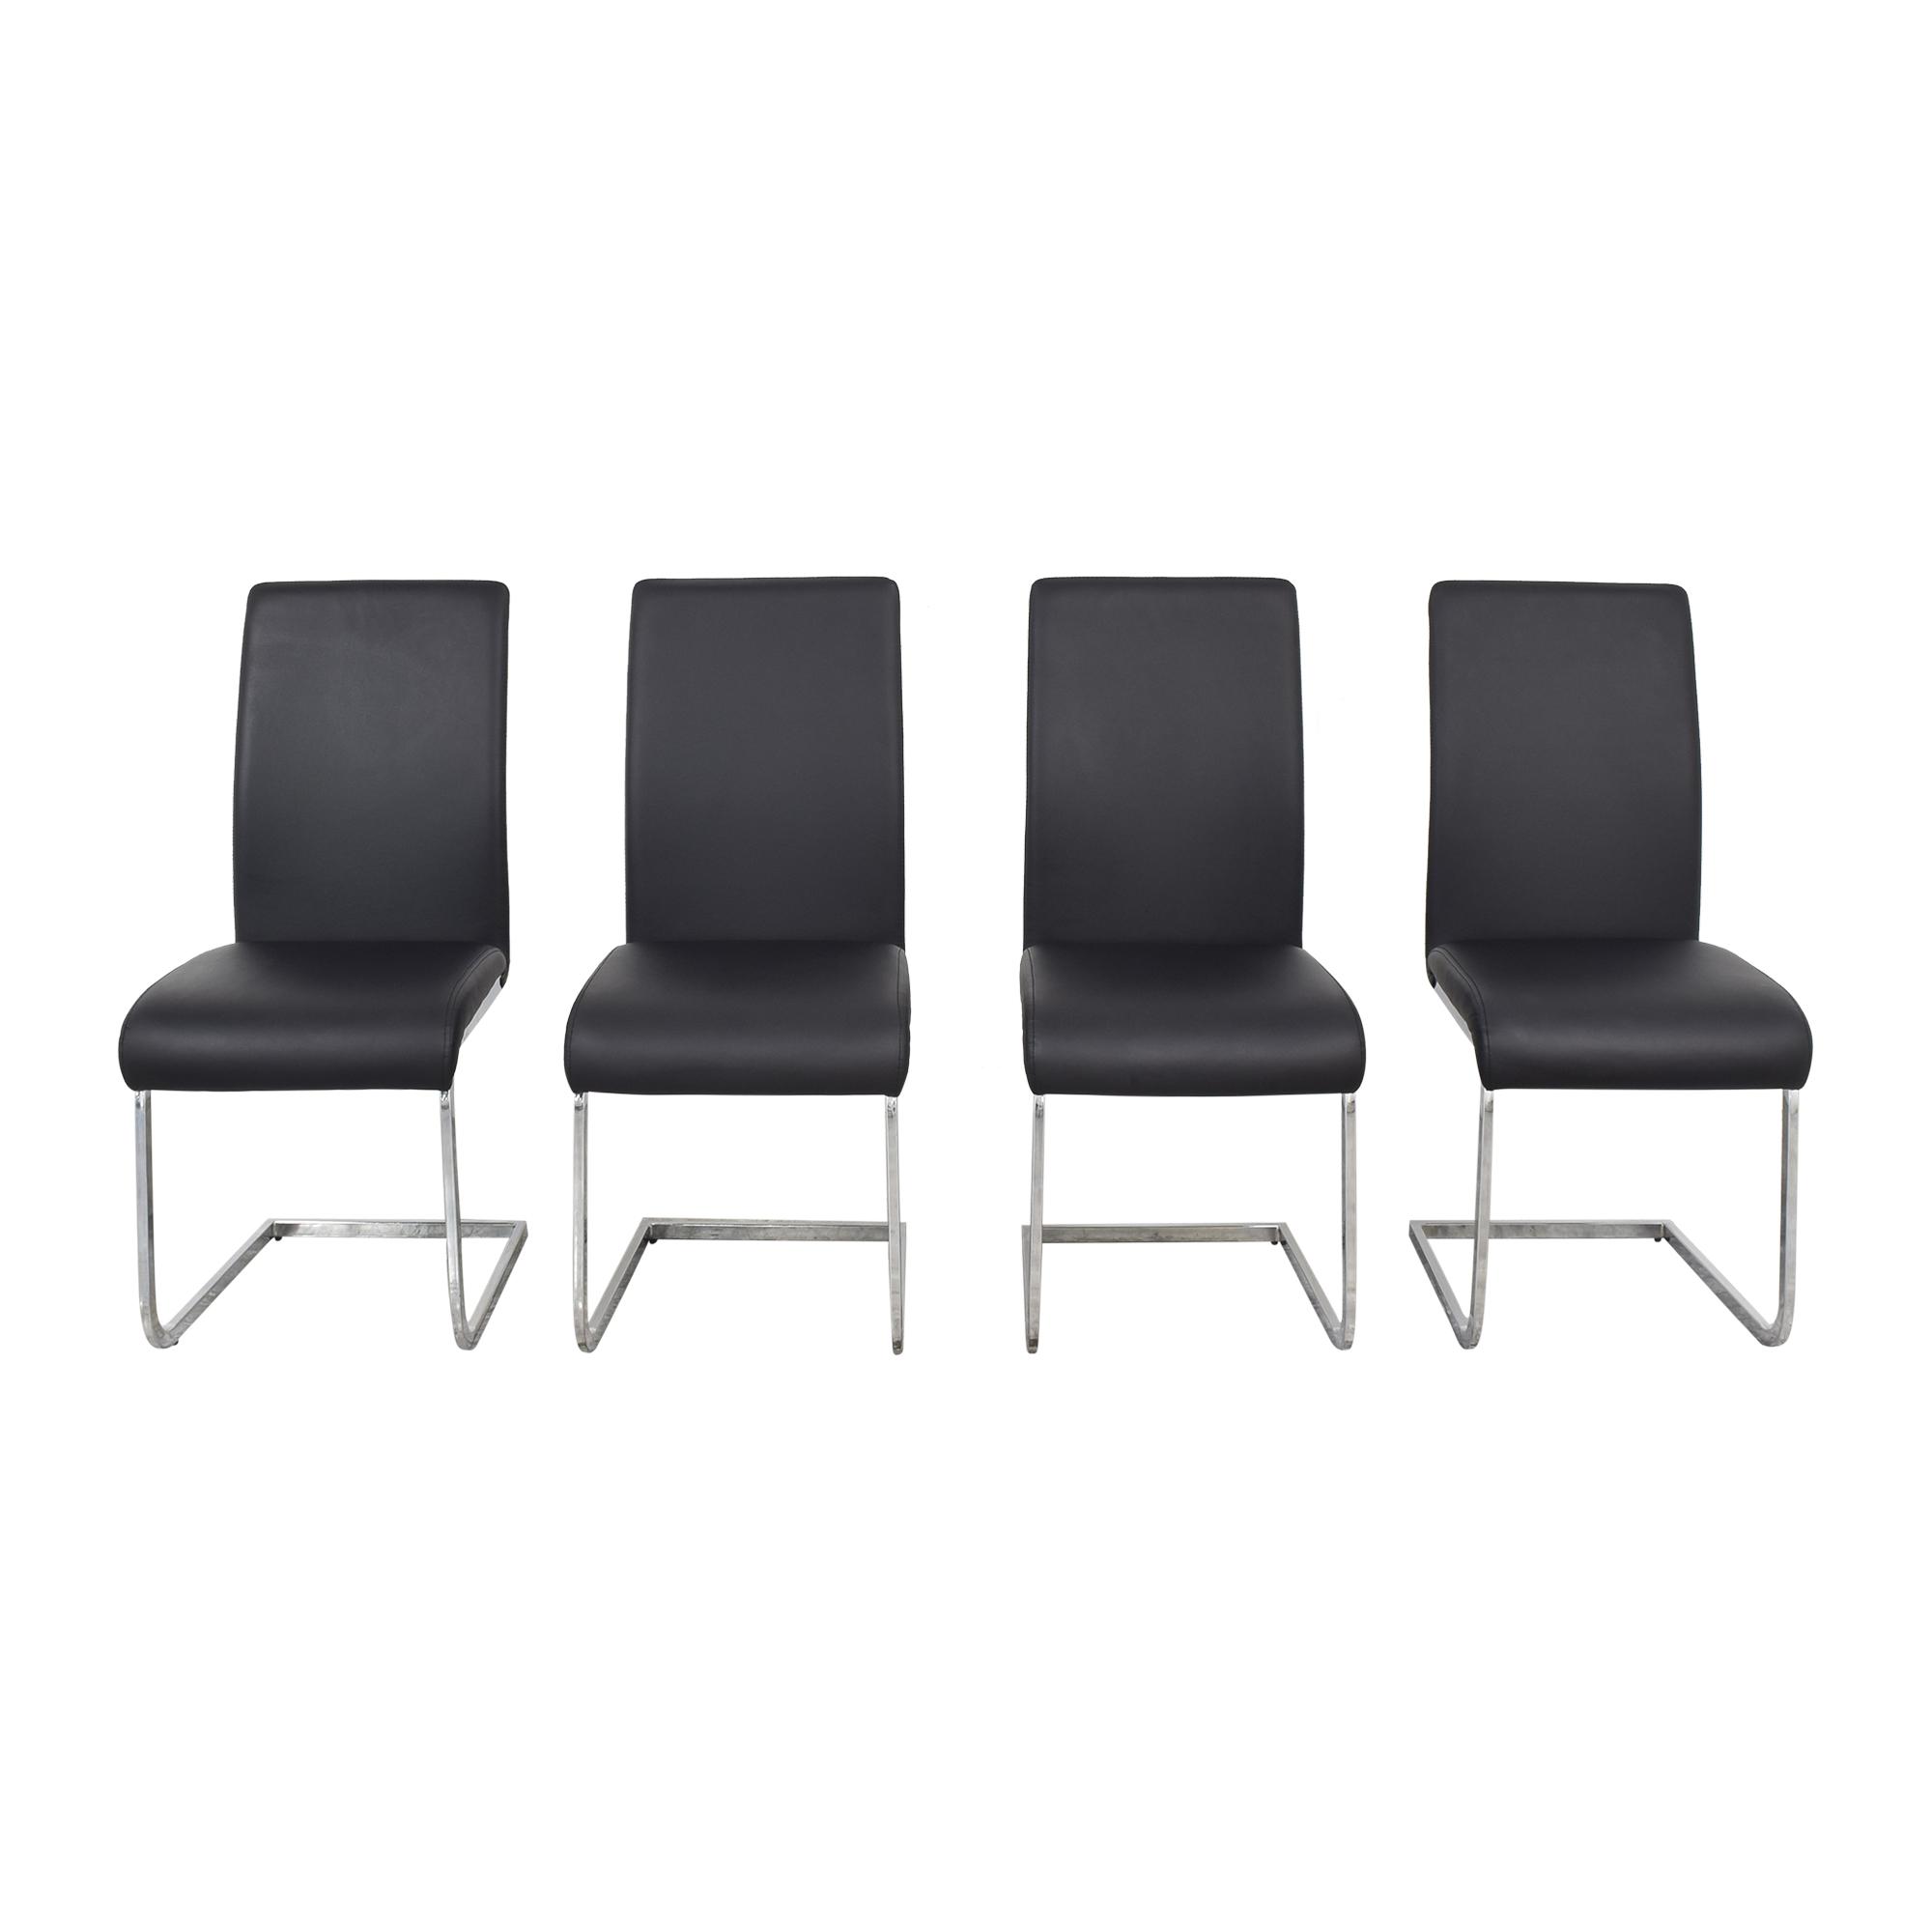 CB2 CB2 Silverado Chairs discount